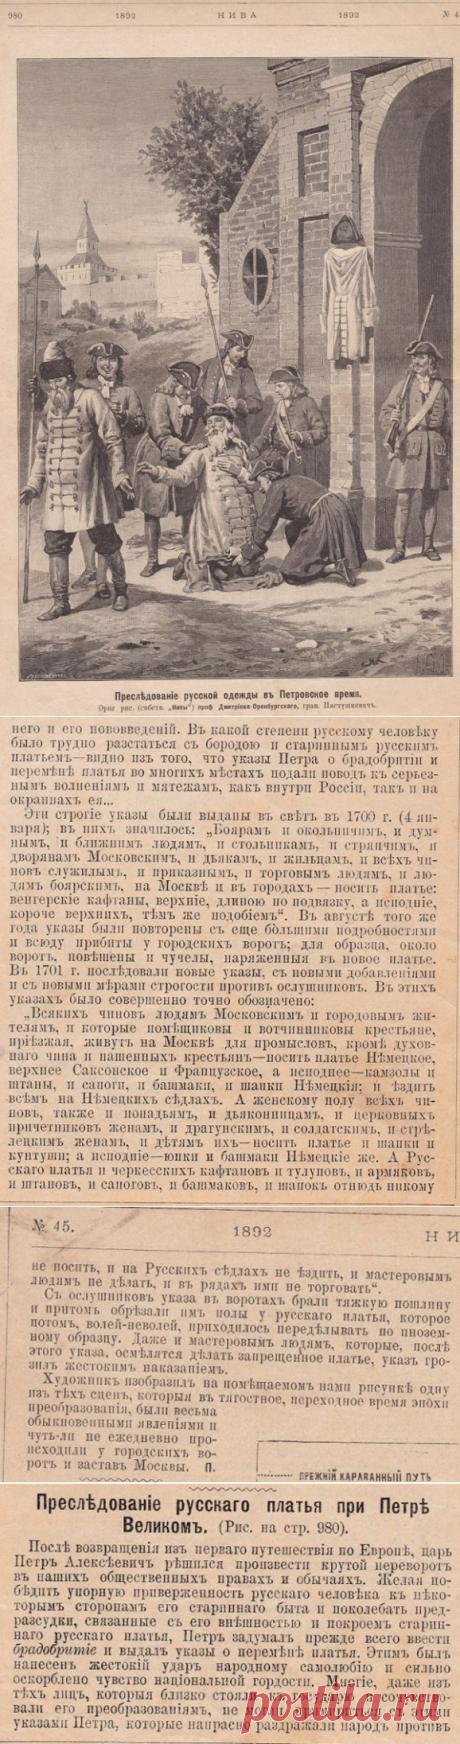 """Из истории """"смены платья на Руси"""" - Ретро картинки или интересная история."""